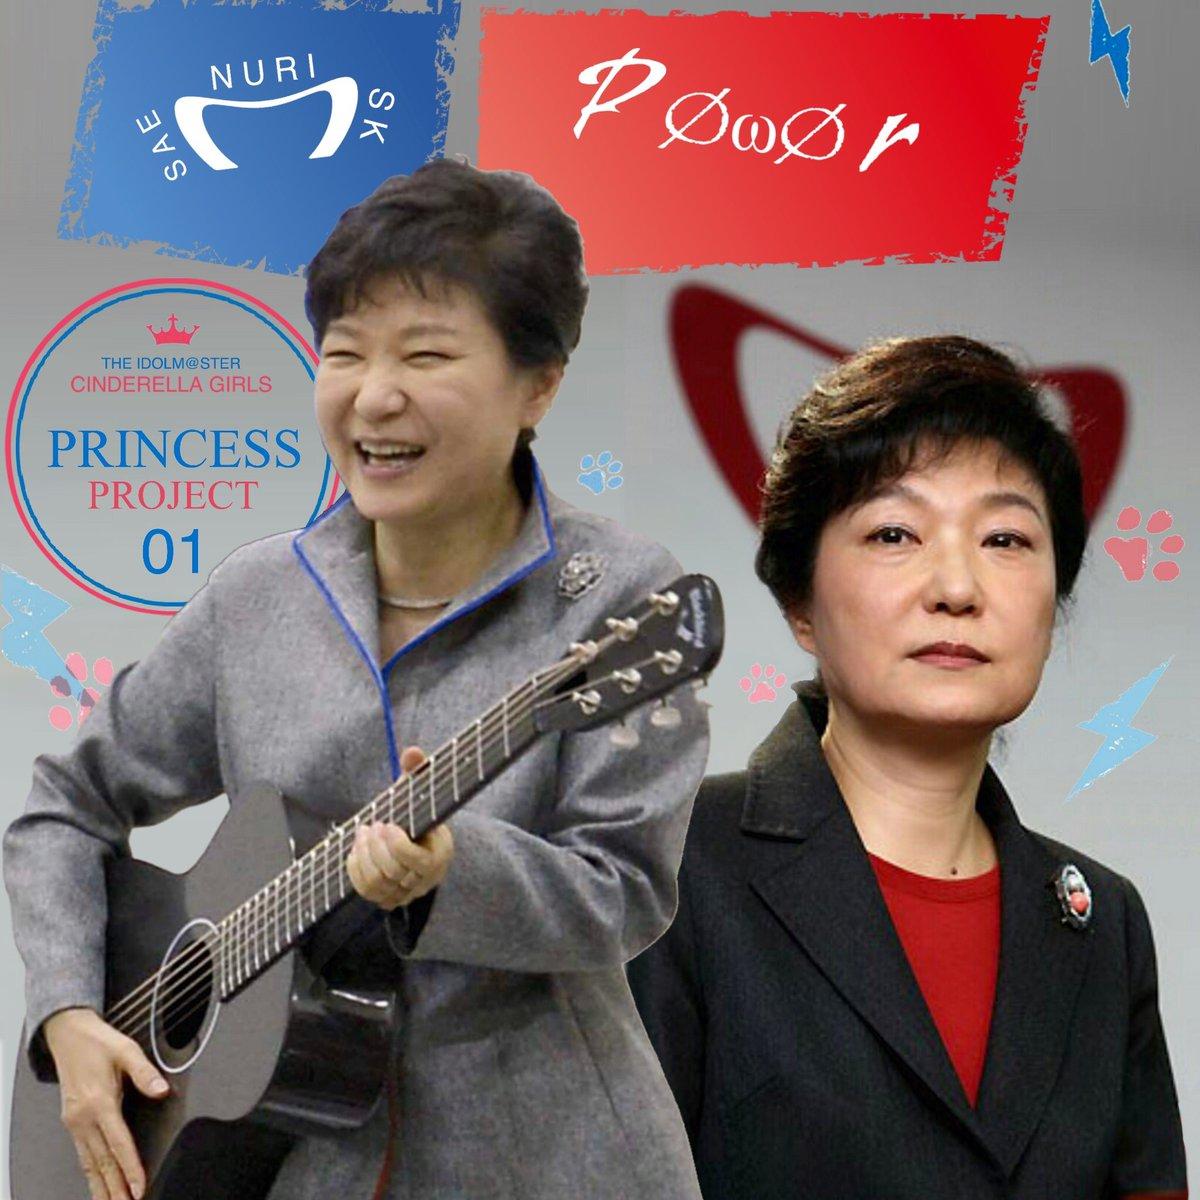 디시인사이드-아이돌마스터 신데마스) princess project 01 앨범 커버 공개 https://t.co/bPsxZPMaoi  판사님 저는 웃ㅋ지않았ㅋㅋㅋ슼ㅋㅋㅋㅋㅋㅋㅋㅋㅋㅋㅋㅋㅋㅋ https://t.co/I9pqSvv5La